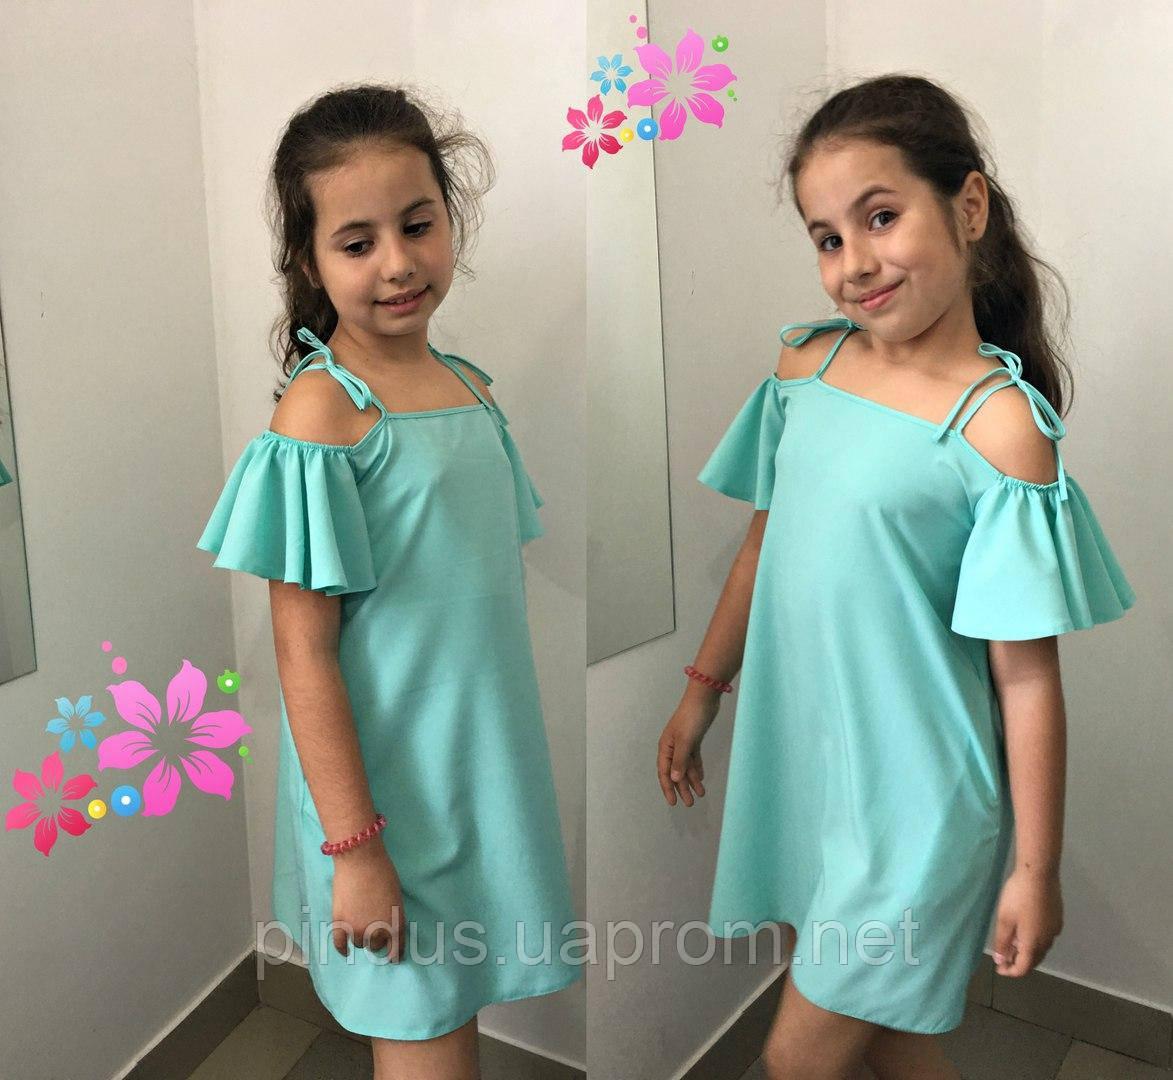 d2f098d3c2d8e7f Летний сарафан платье для девочки, 122 - 140. Детский, подростковый ...